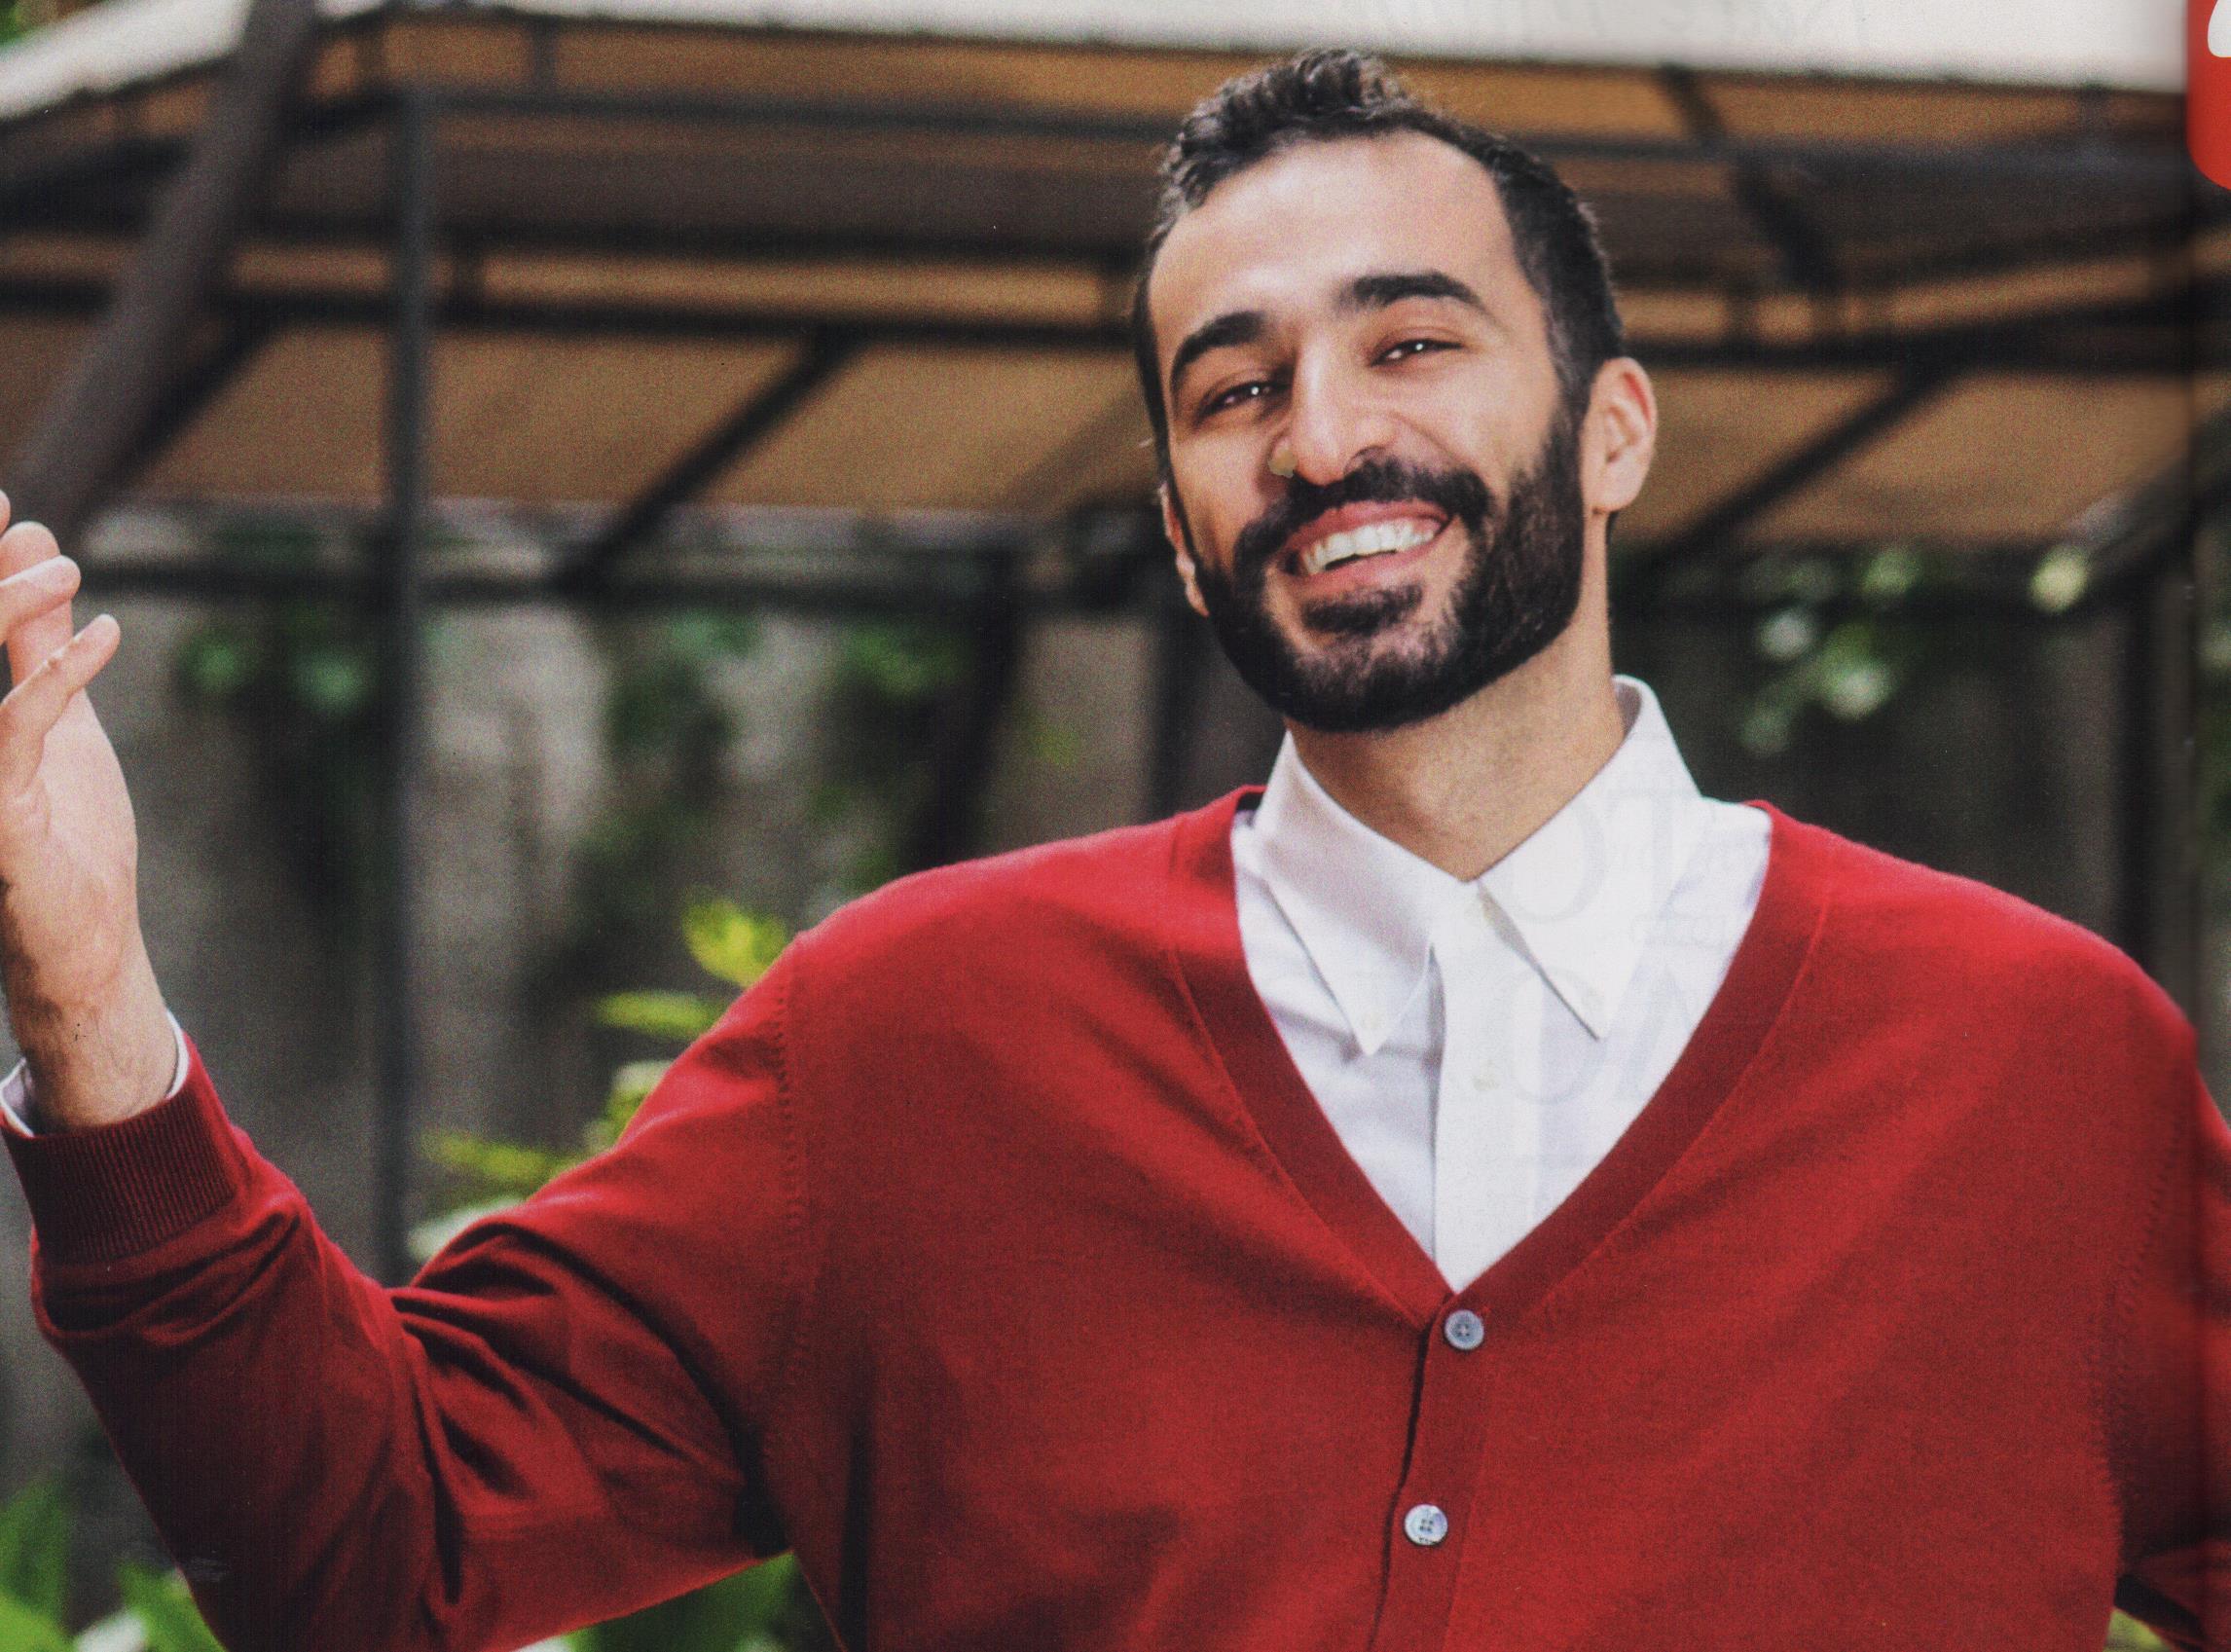 Ο Έλληνας ηθοποιός που αποκάλυψε: Για τουλάχιστον ένα χρόνο έπαιρνα συσσίτιο από την εκκλησία [βίντεο]